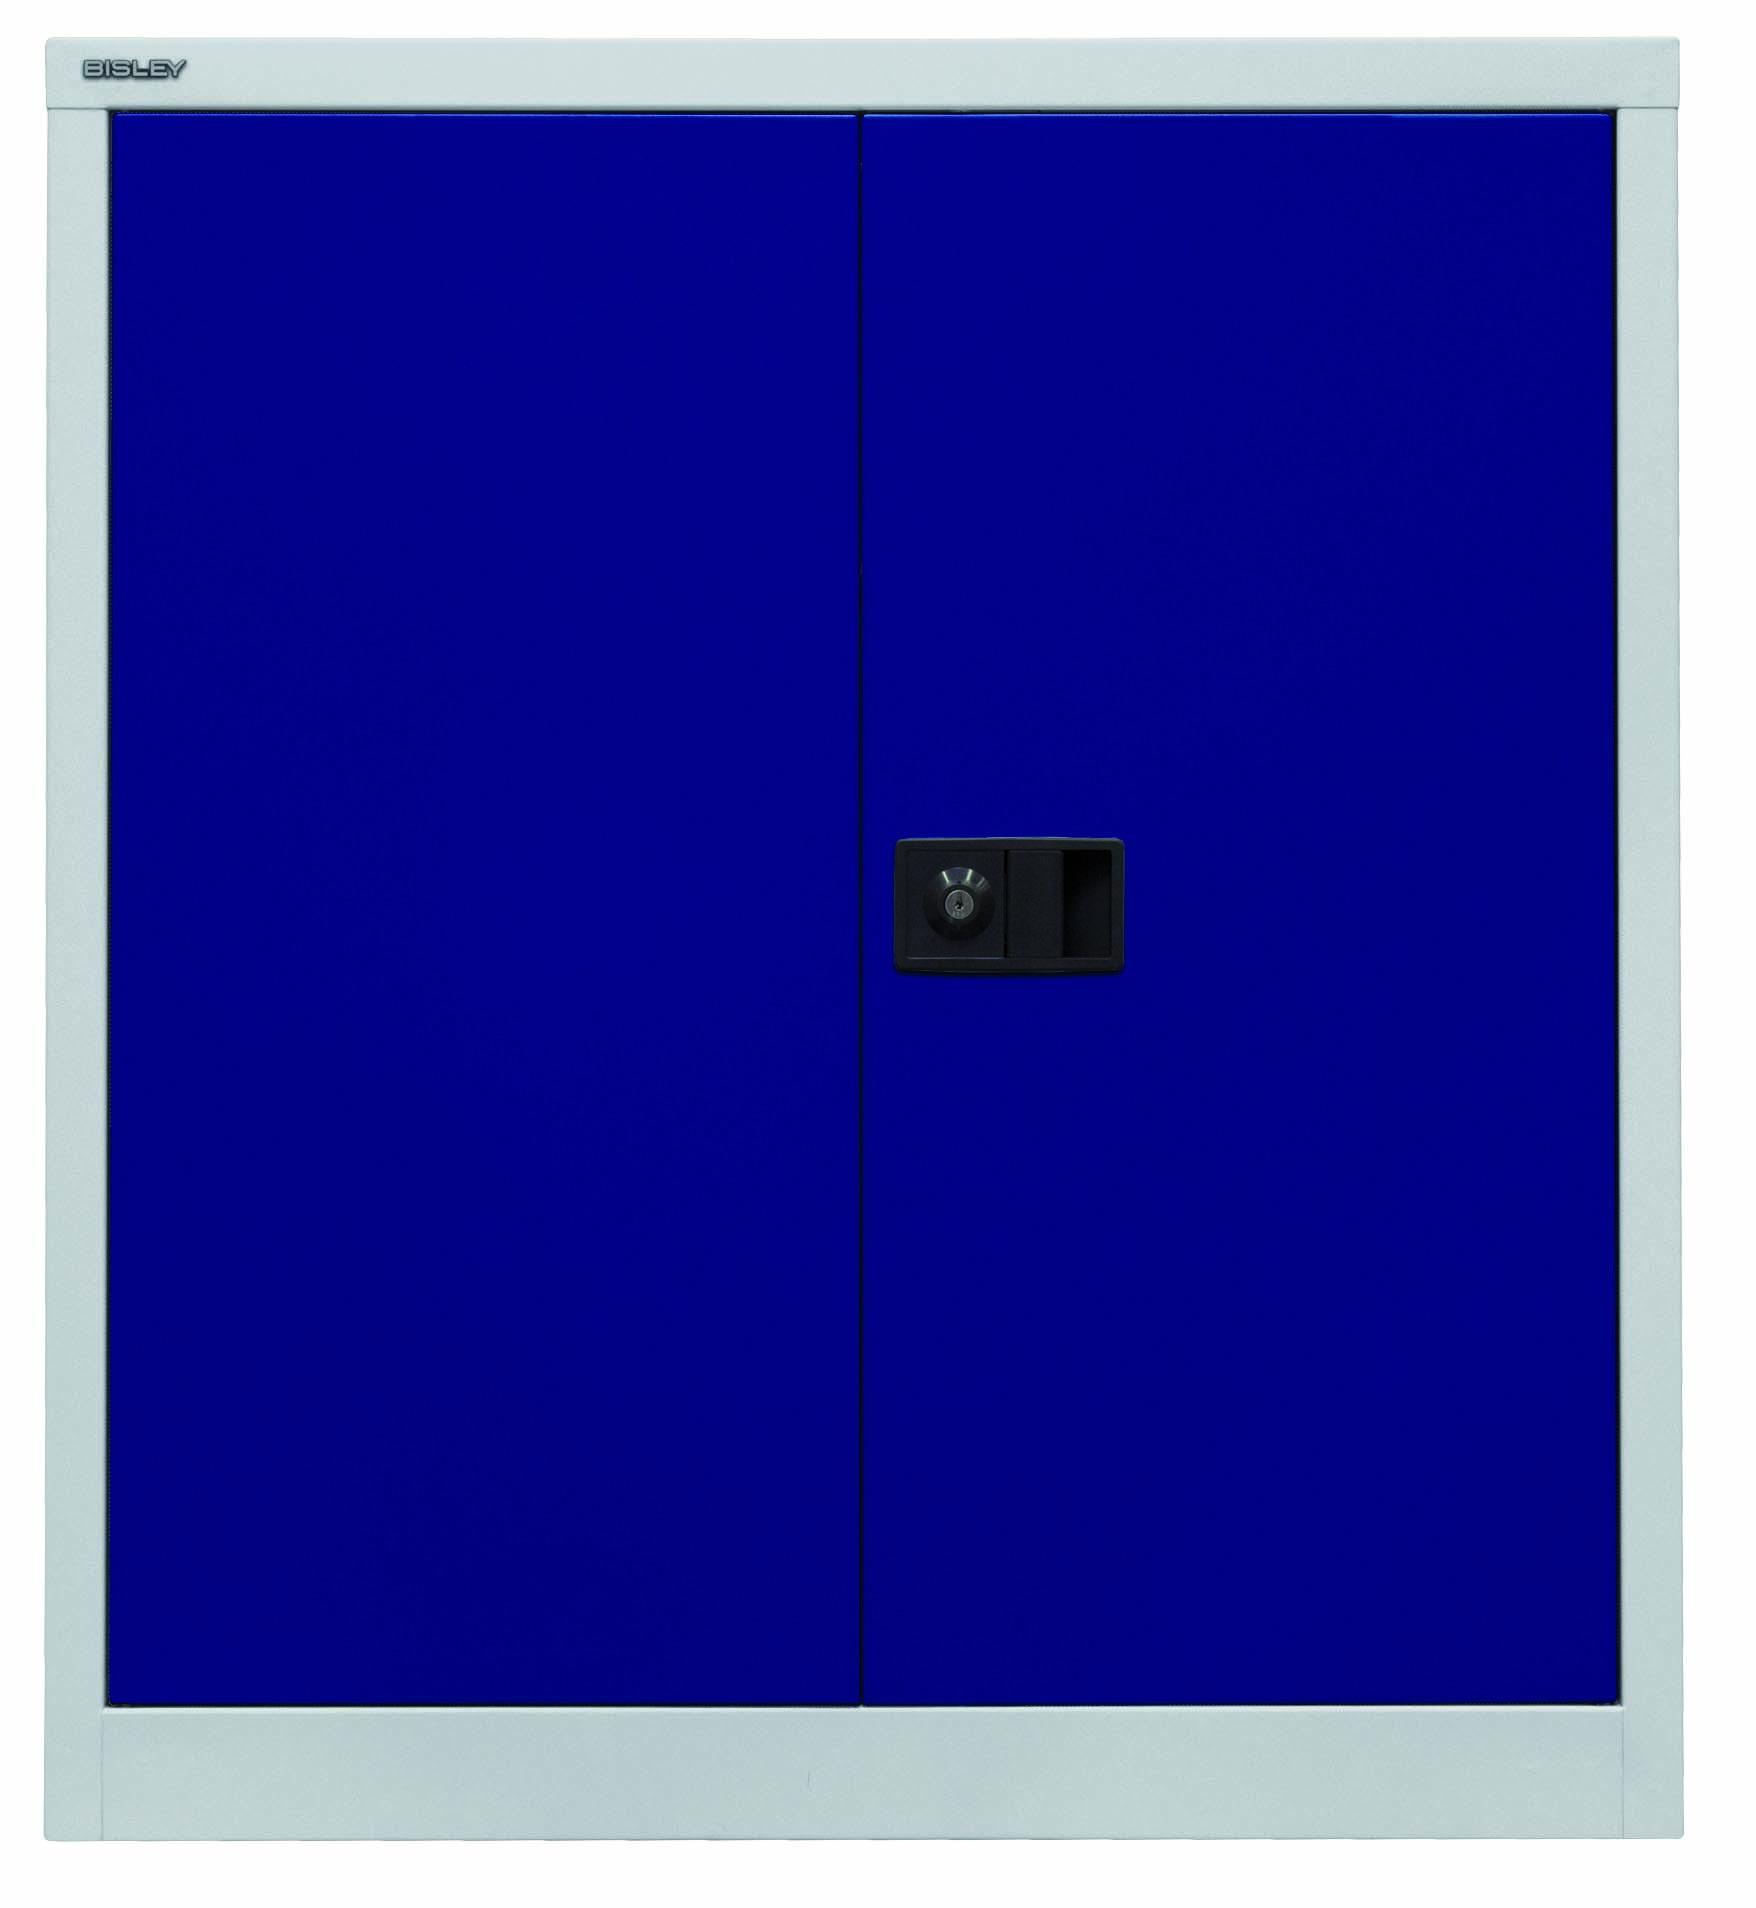 Bisley Flügeltürenschrank Universal, 1 Fachboden, 2 OH, Farbe Korpus lichtgrau, Türen oxfordblau